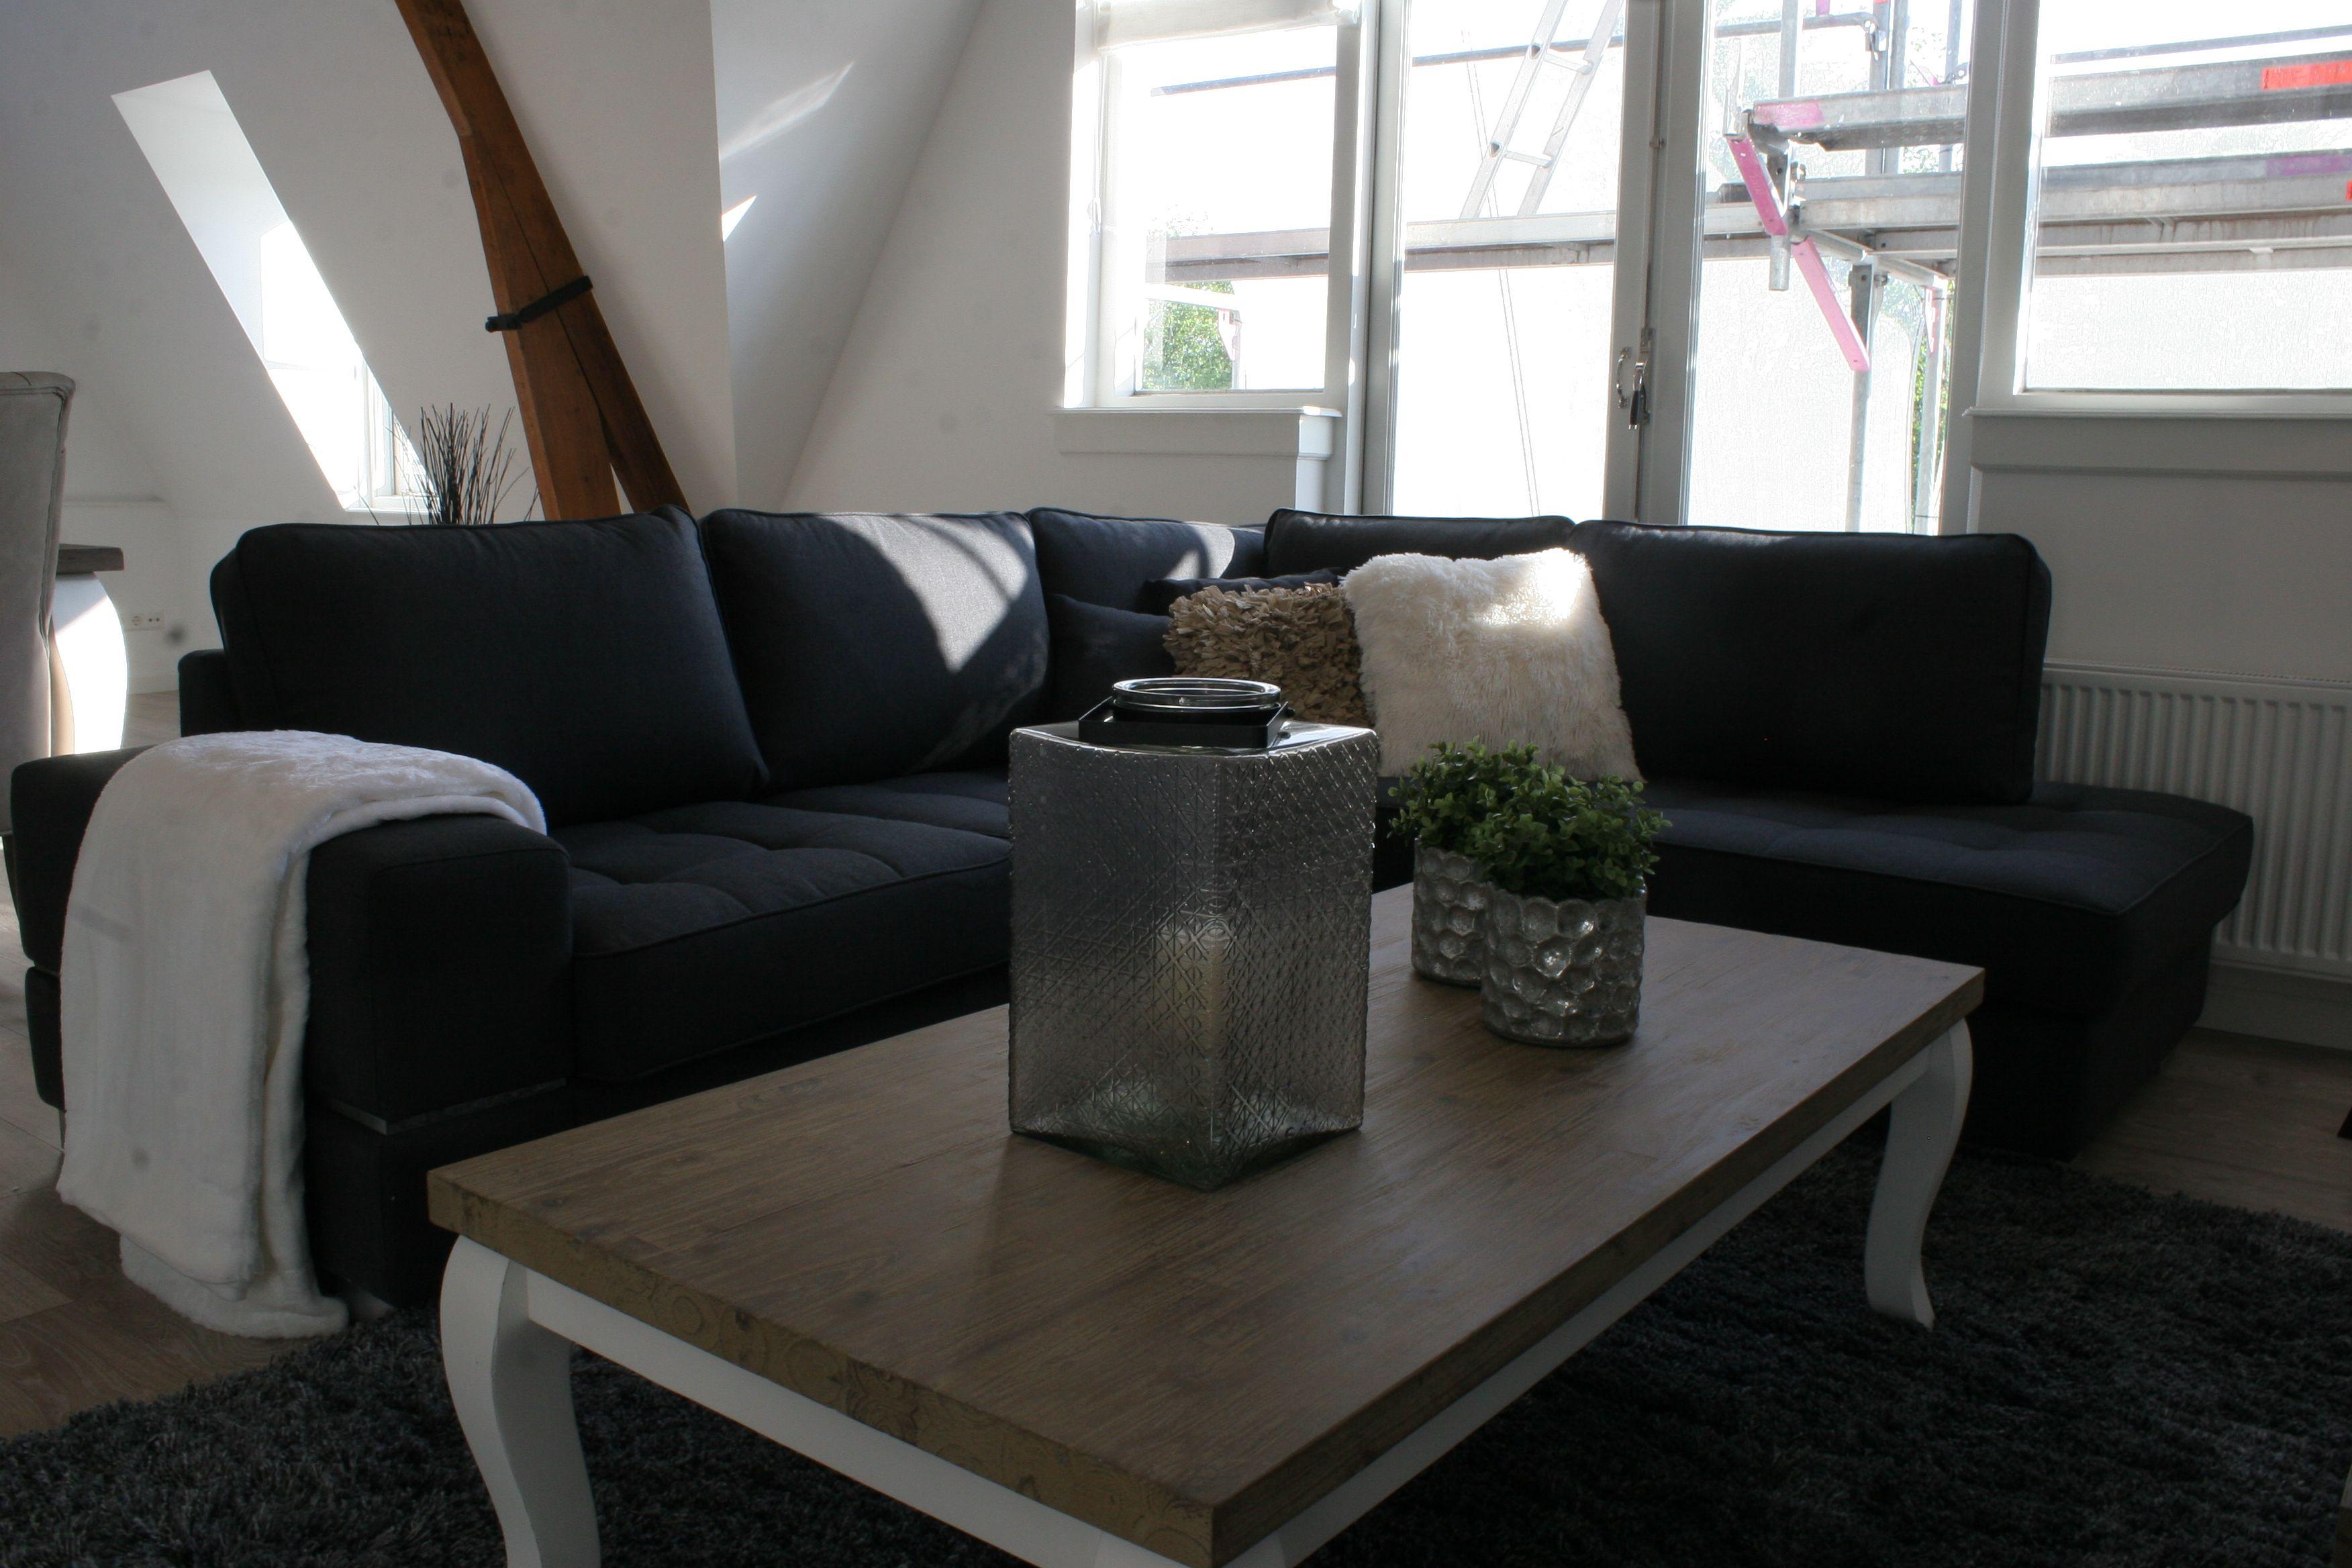 Meubel verhuur, Furniture rental. Interieur verhuur. Expat housing ...